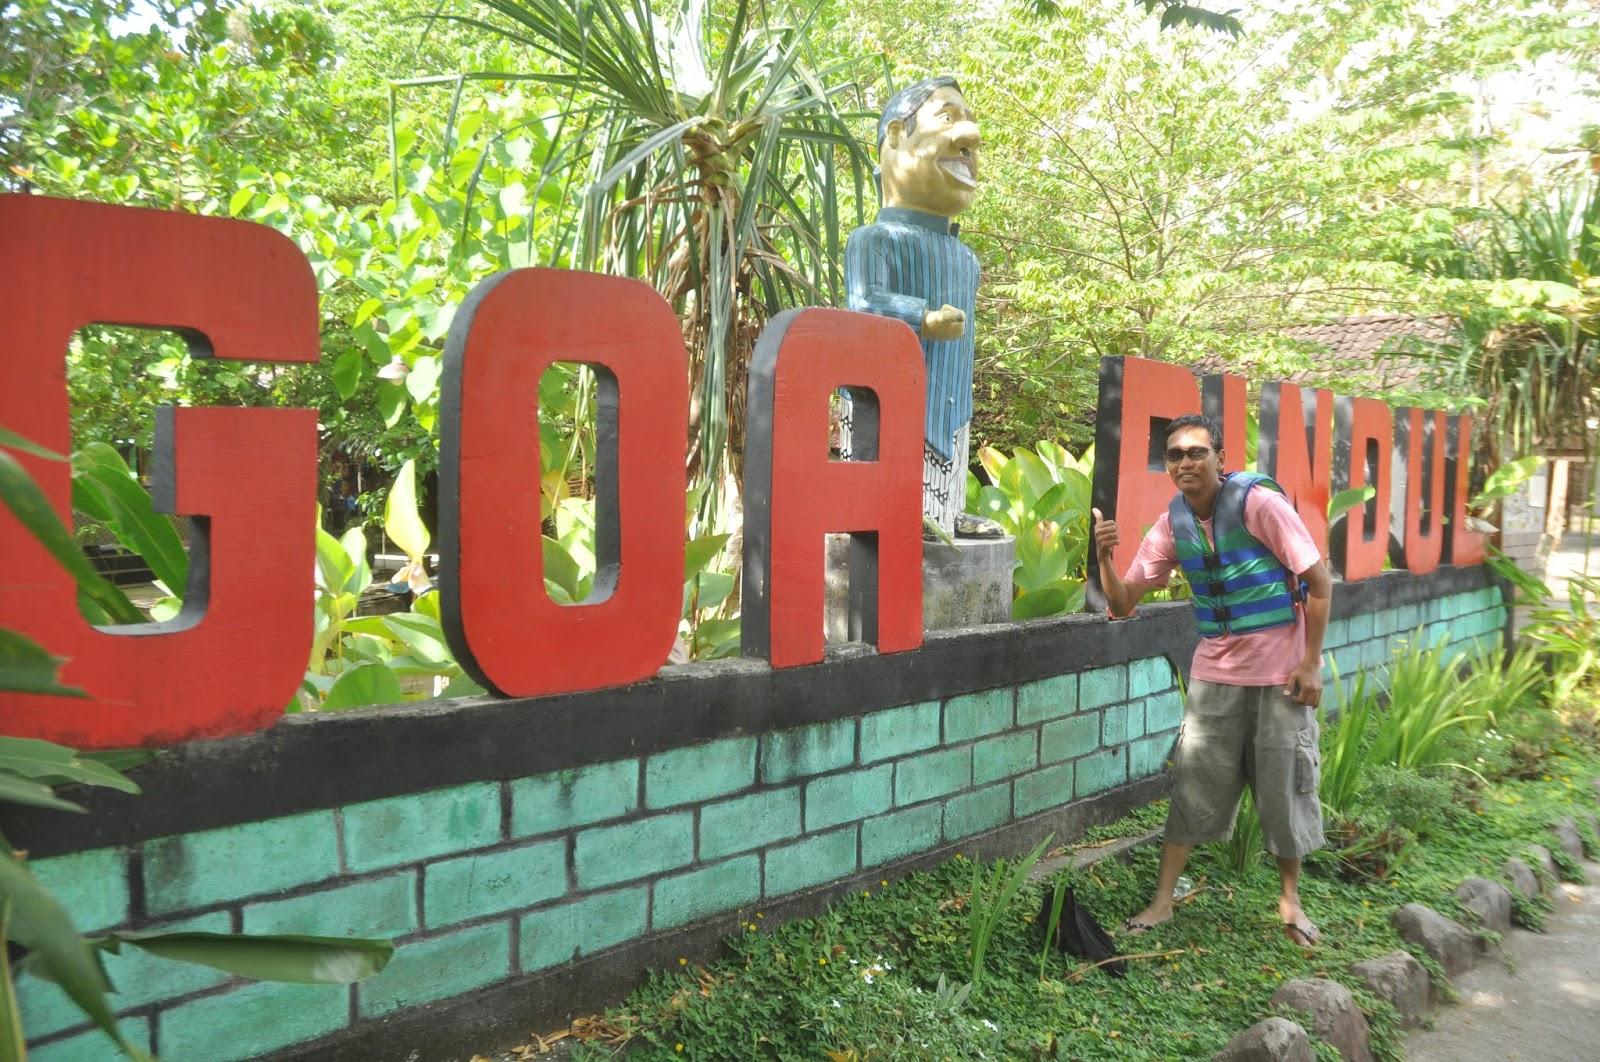 Goa Pindul Jogja 11 Keunggulan Sekertariat Ngancar Wisata Goa Pindul Jogja